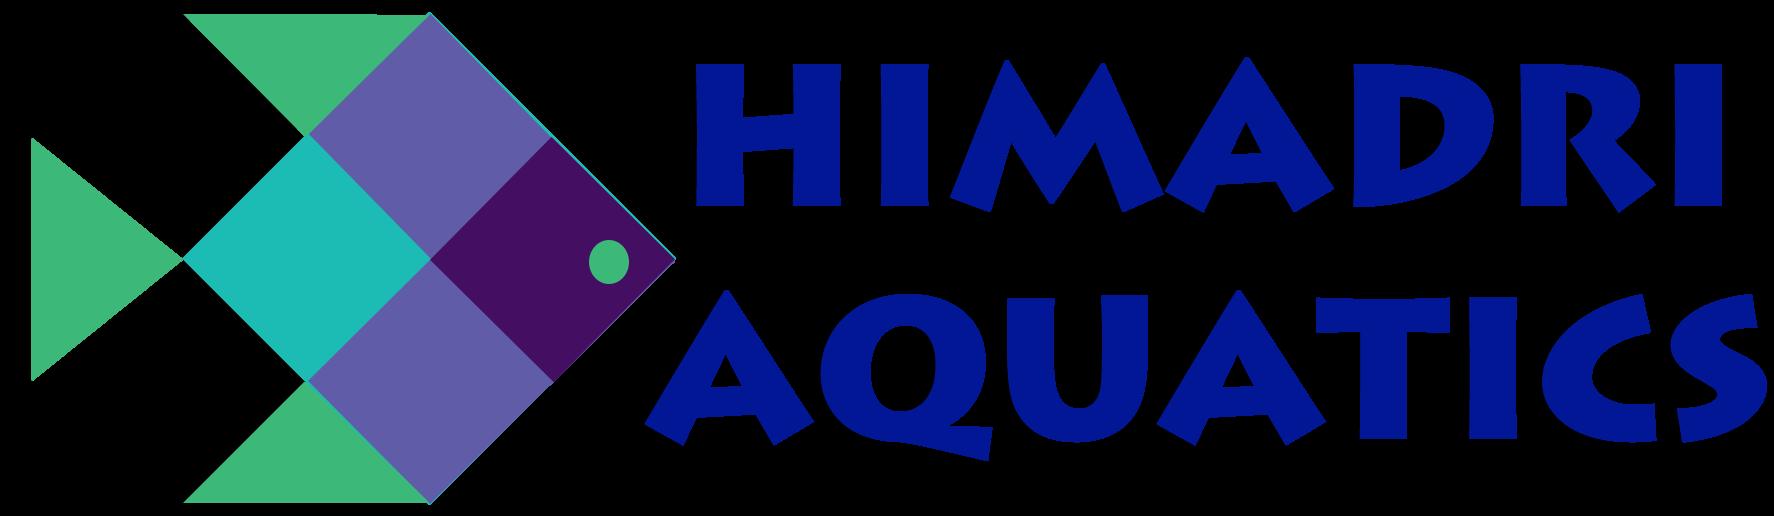 Buy Aquarium Plants and Aquarium Fishes Online